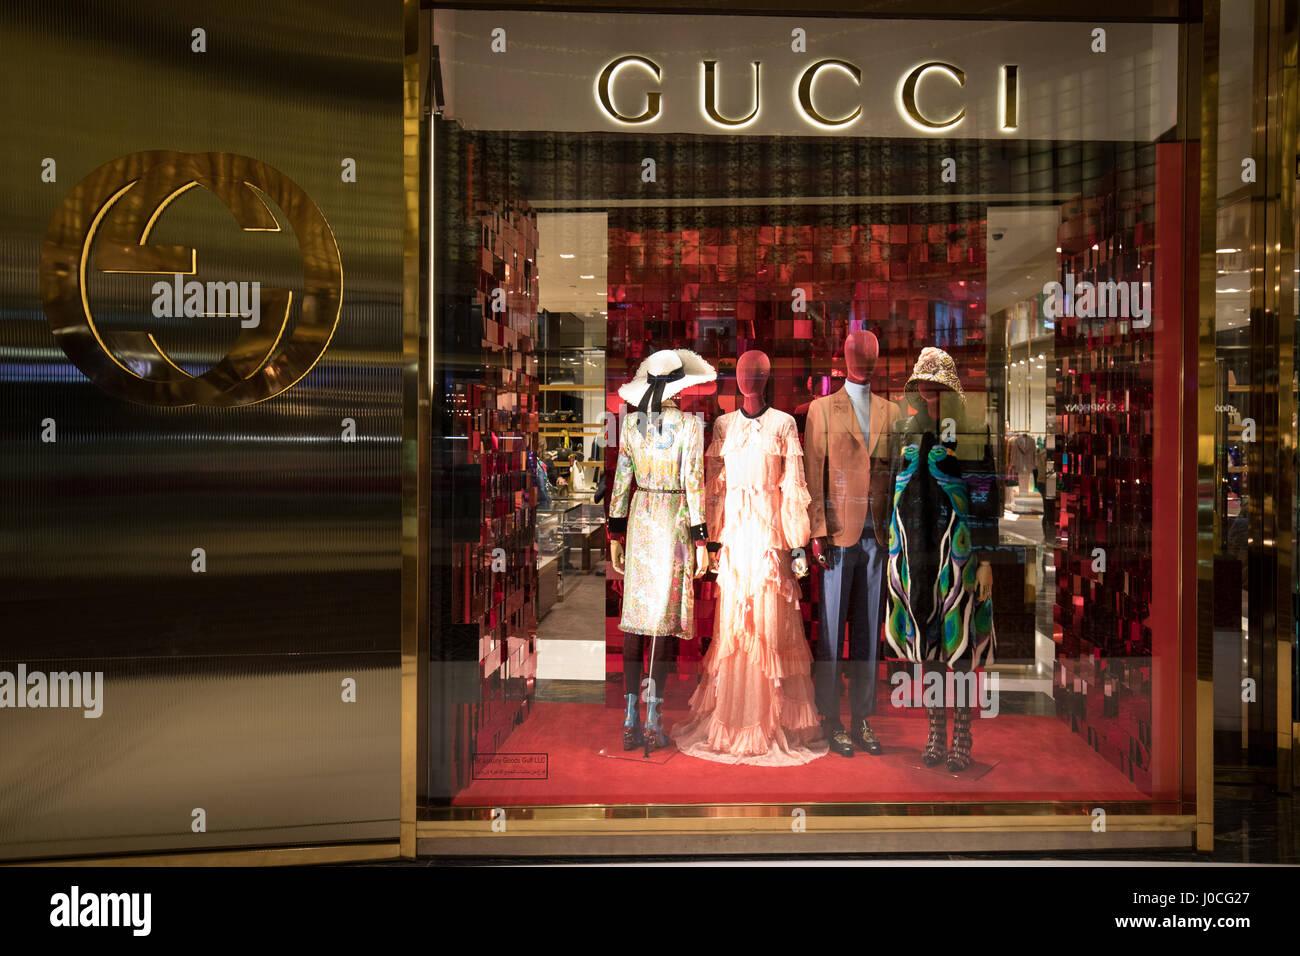 The Gucci shop in Fashion Avenue of the Dubai Mall Stock Photo ... 68f46e20091